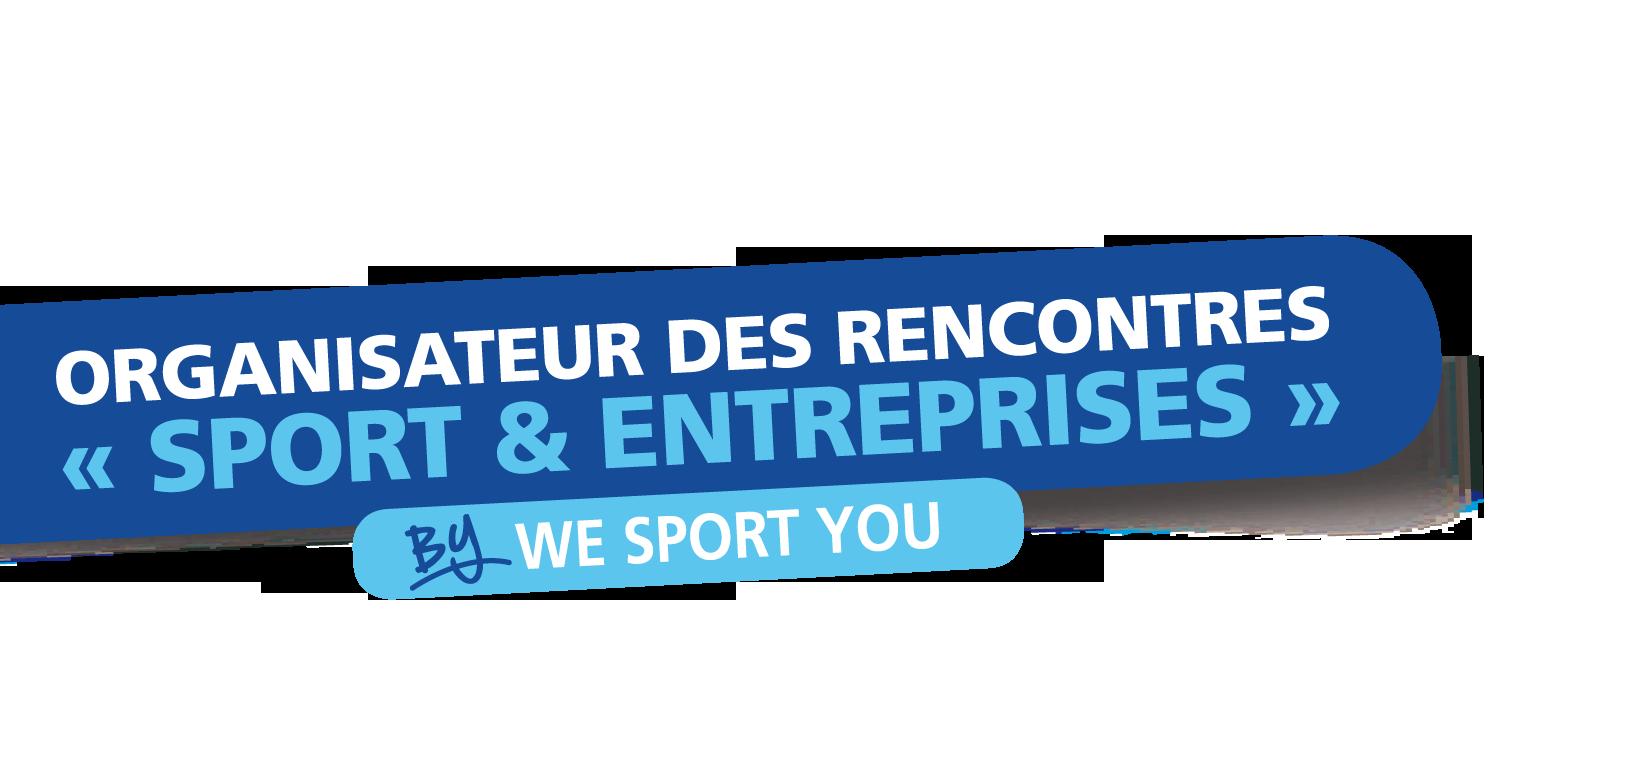 Organisation des Rencontres Sport et Entreprises - we sport you